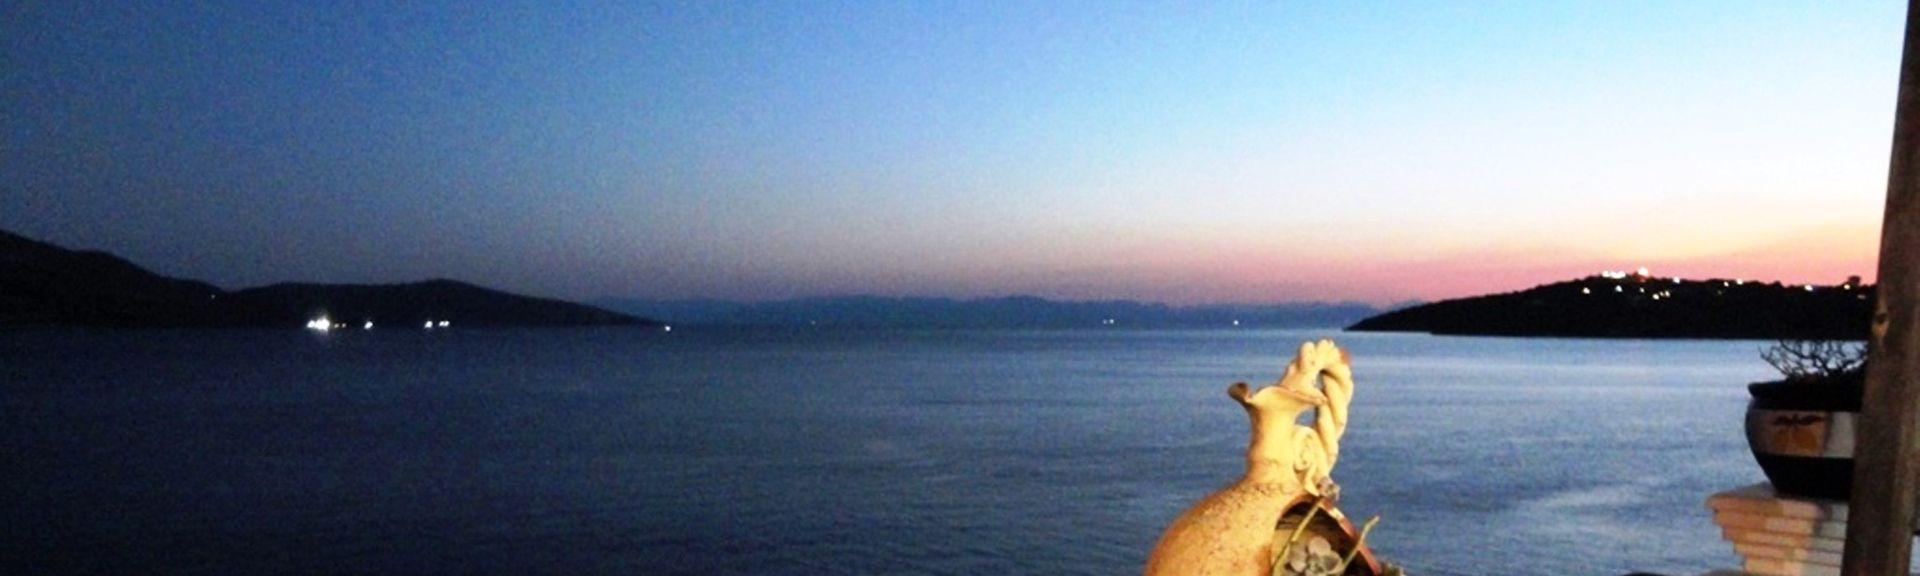 Μάνδρα-Ειδύλλια, Αττική, Ελλάδα